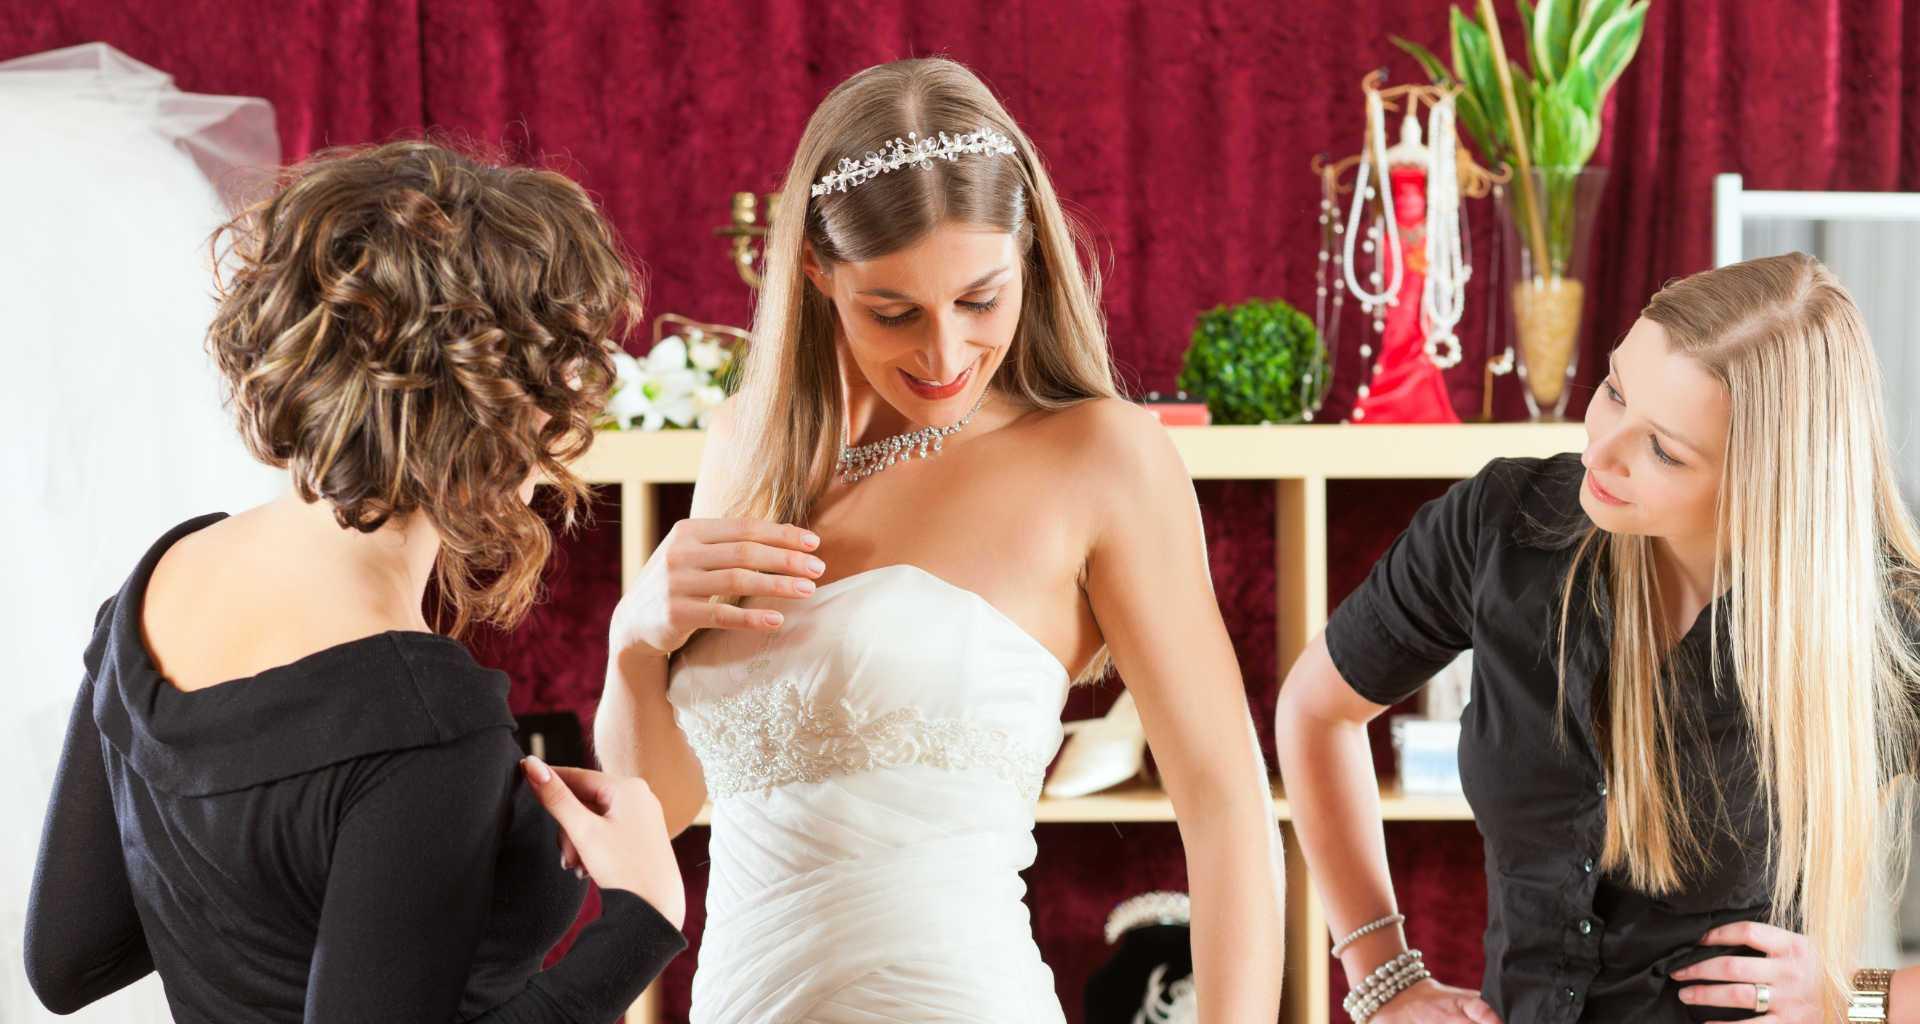 Iščete poročno obleko? Pomagali vam bomo najti pravo poročno obleko